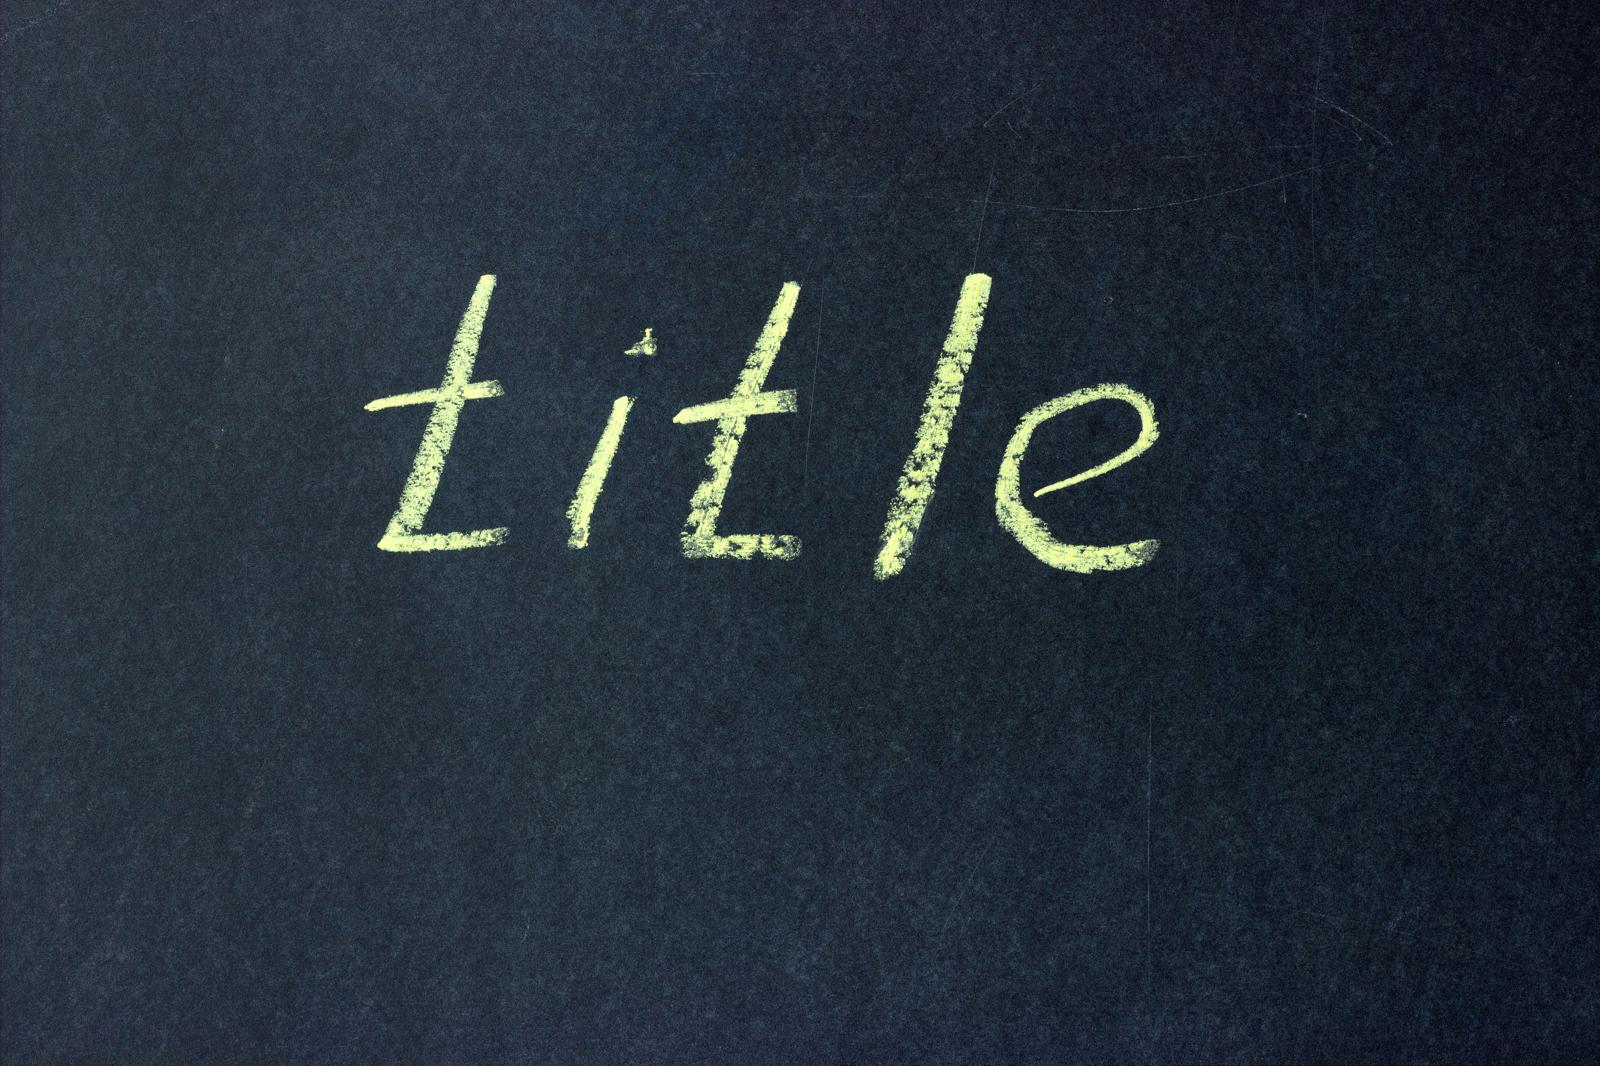 黒板に書かれた「title」の文字